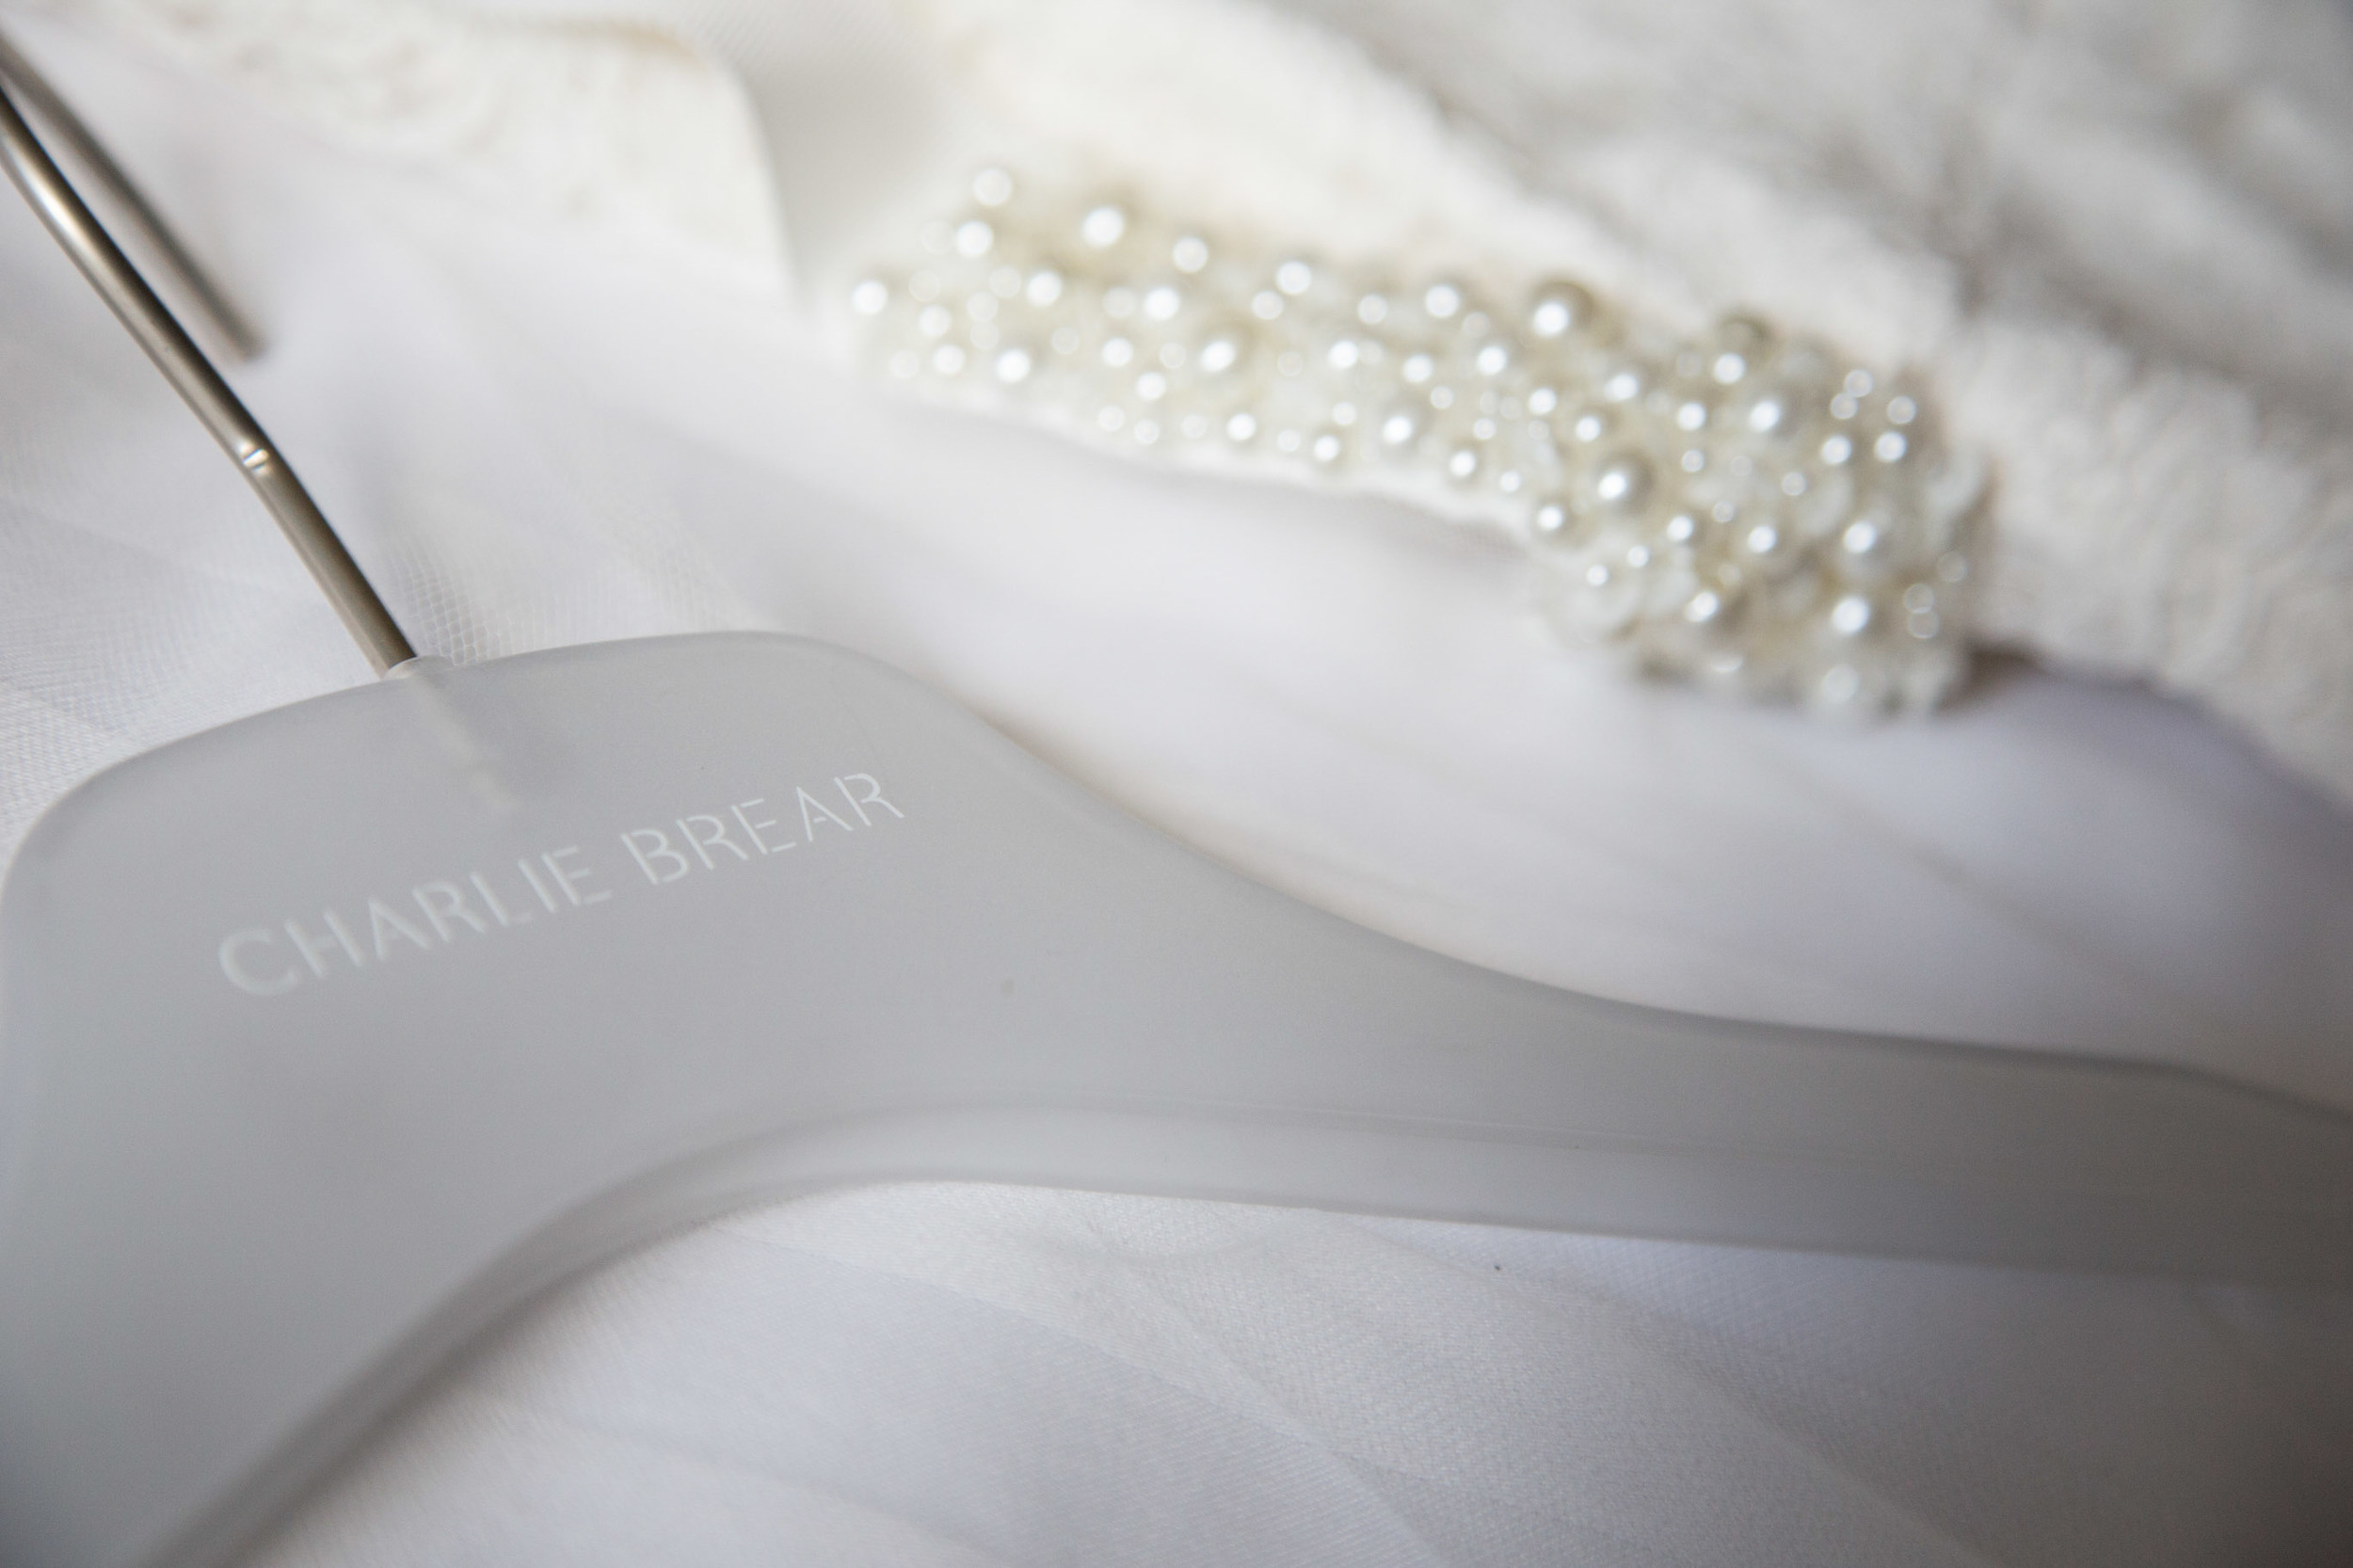 charlie-brear-dress-barnes-wedding-adam-rowley-photographer-